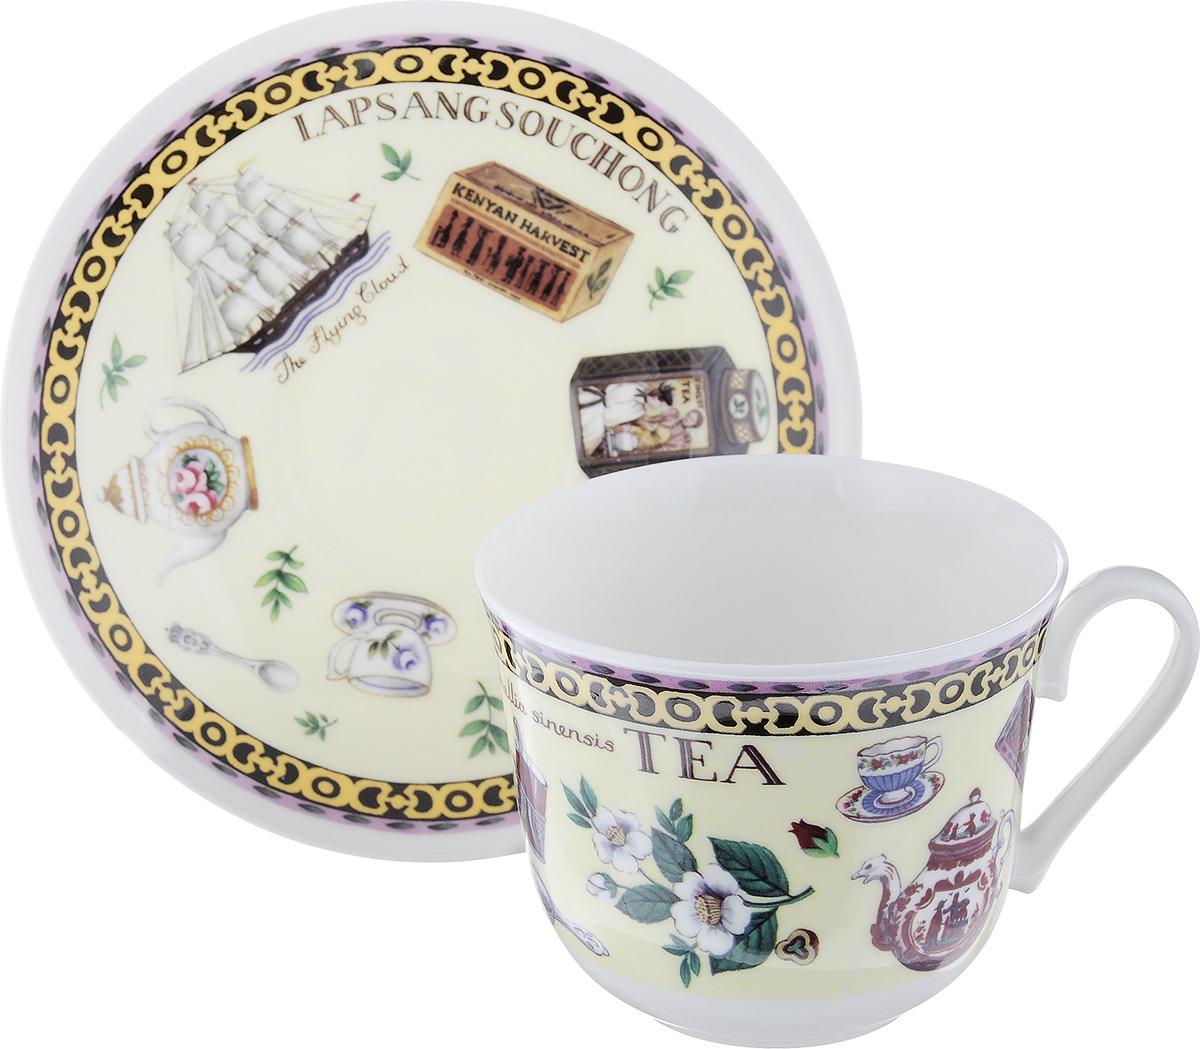 Чайная пара Roy Kirkham Чай, 2 предмета. XFINET1100XFINET1100Чайная пара Roy Kirkham Чай состоит из чашки и блюдца, изготовленных из тонкостенного костяного фарфора высшего качества, отличающегося необыкновенной прочностью и небольшим весом. Изделия оформлены цветным рисунком. Яркий дизайн, несомненно, придется вам по вкусу. Чайная пара Roy Kirkham Чай украсит ваш кухонный стол, а также станет замечательным подарком к любому празднику. Объем чашки: 500 мл. Диаметр чашки по верхнему краю: 10,5 см. Высота чашки: 8,5 см. Диаметр блюдца: 17 см. Высота блюдца: 2,5 см.